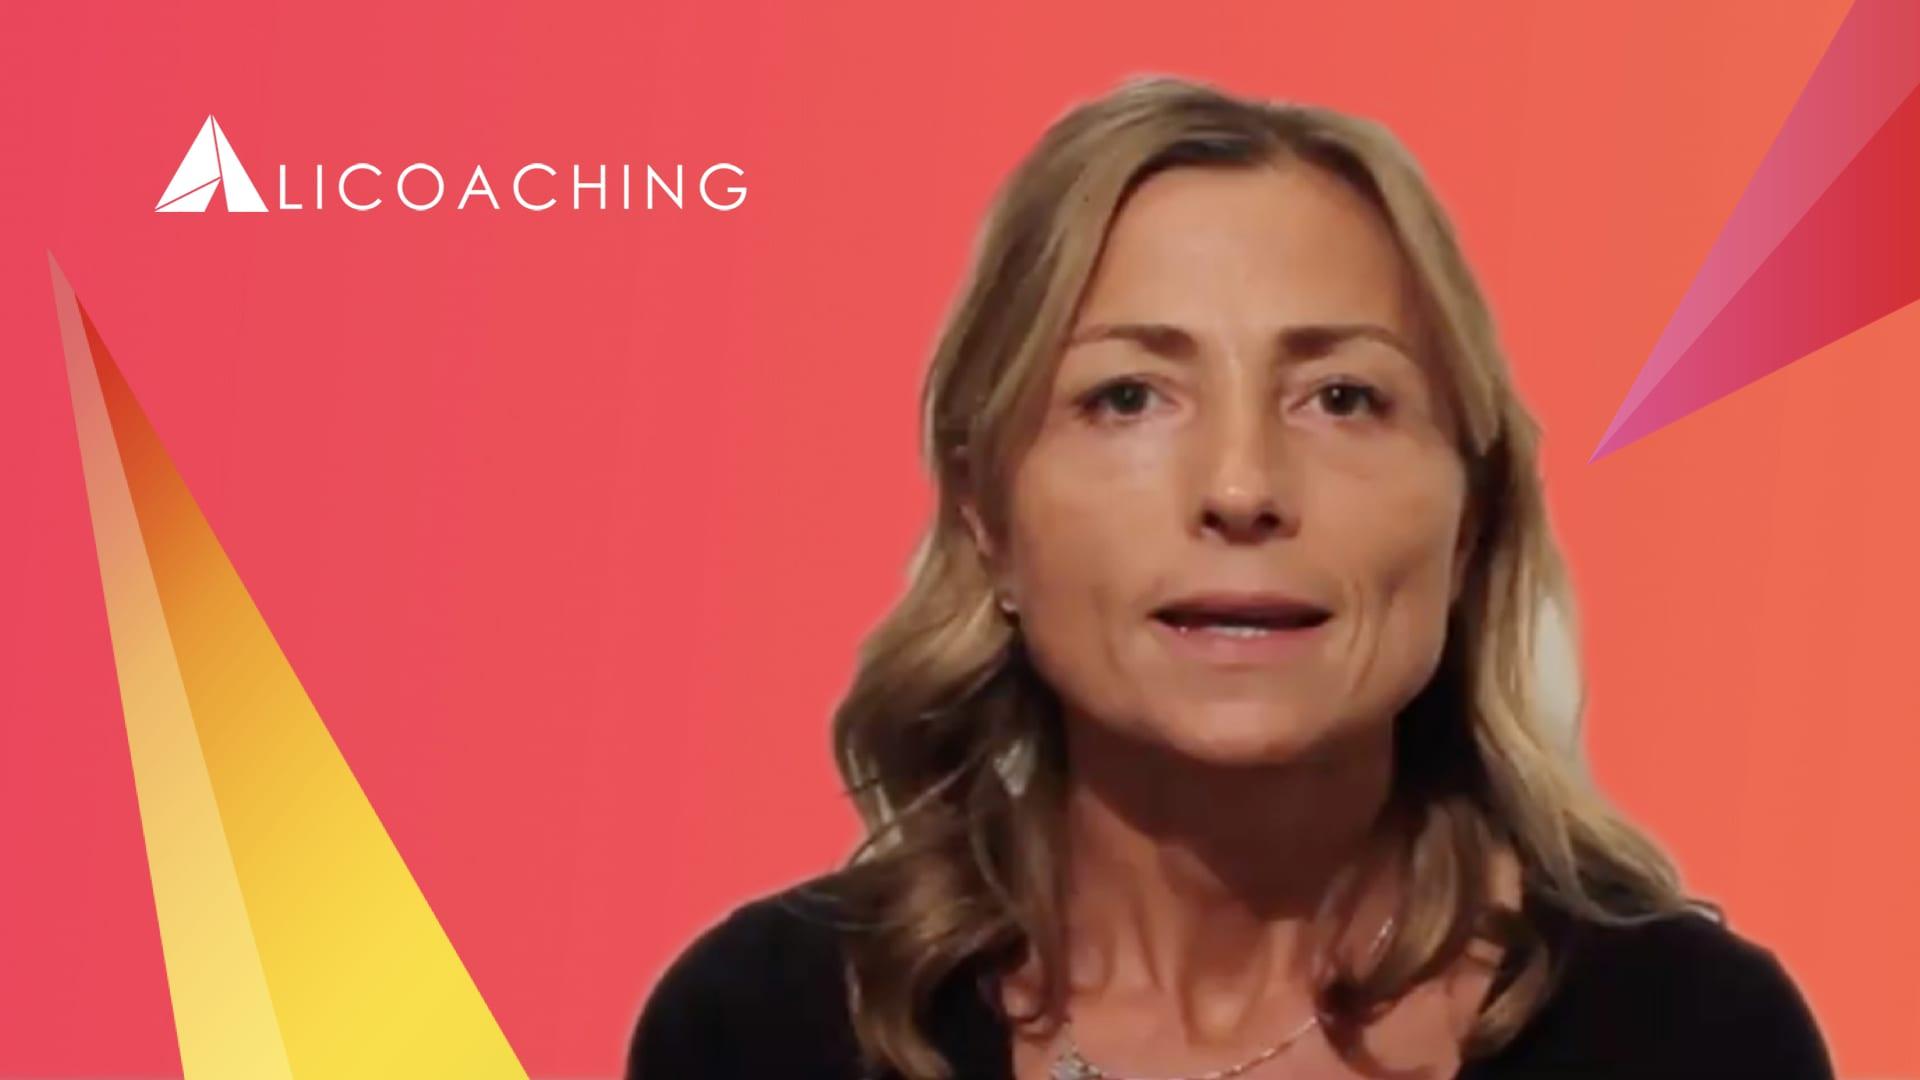 Obiettivi smart del coaching